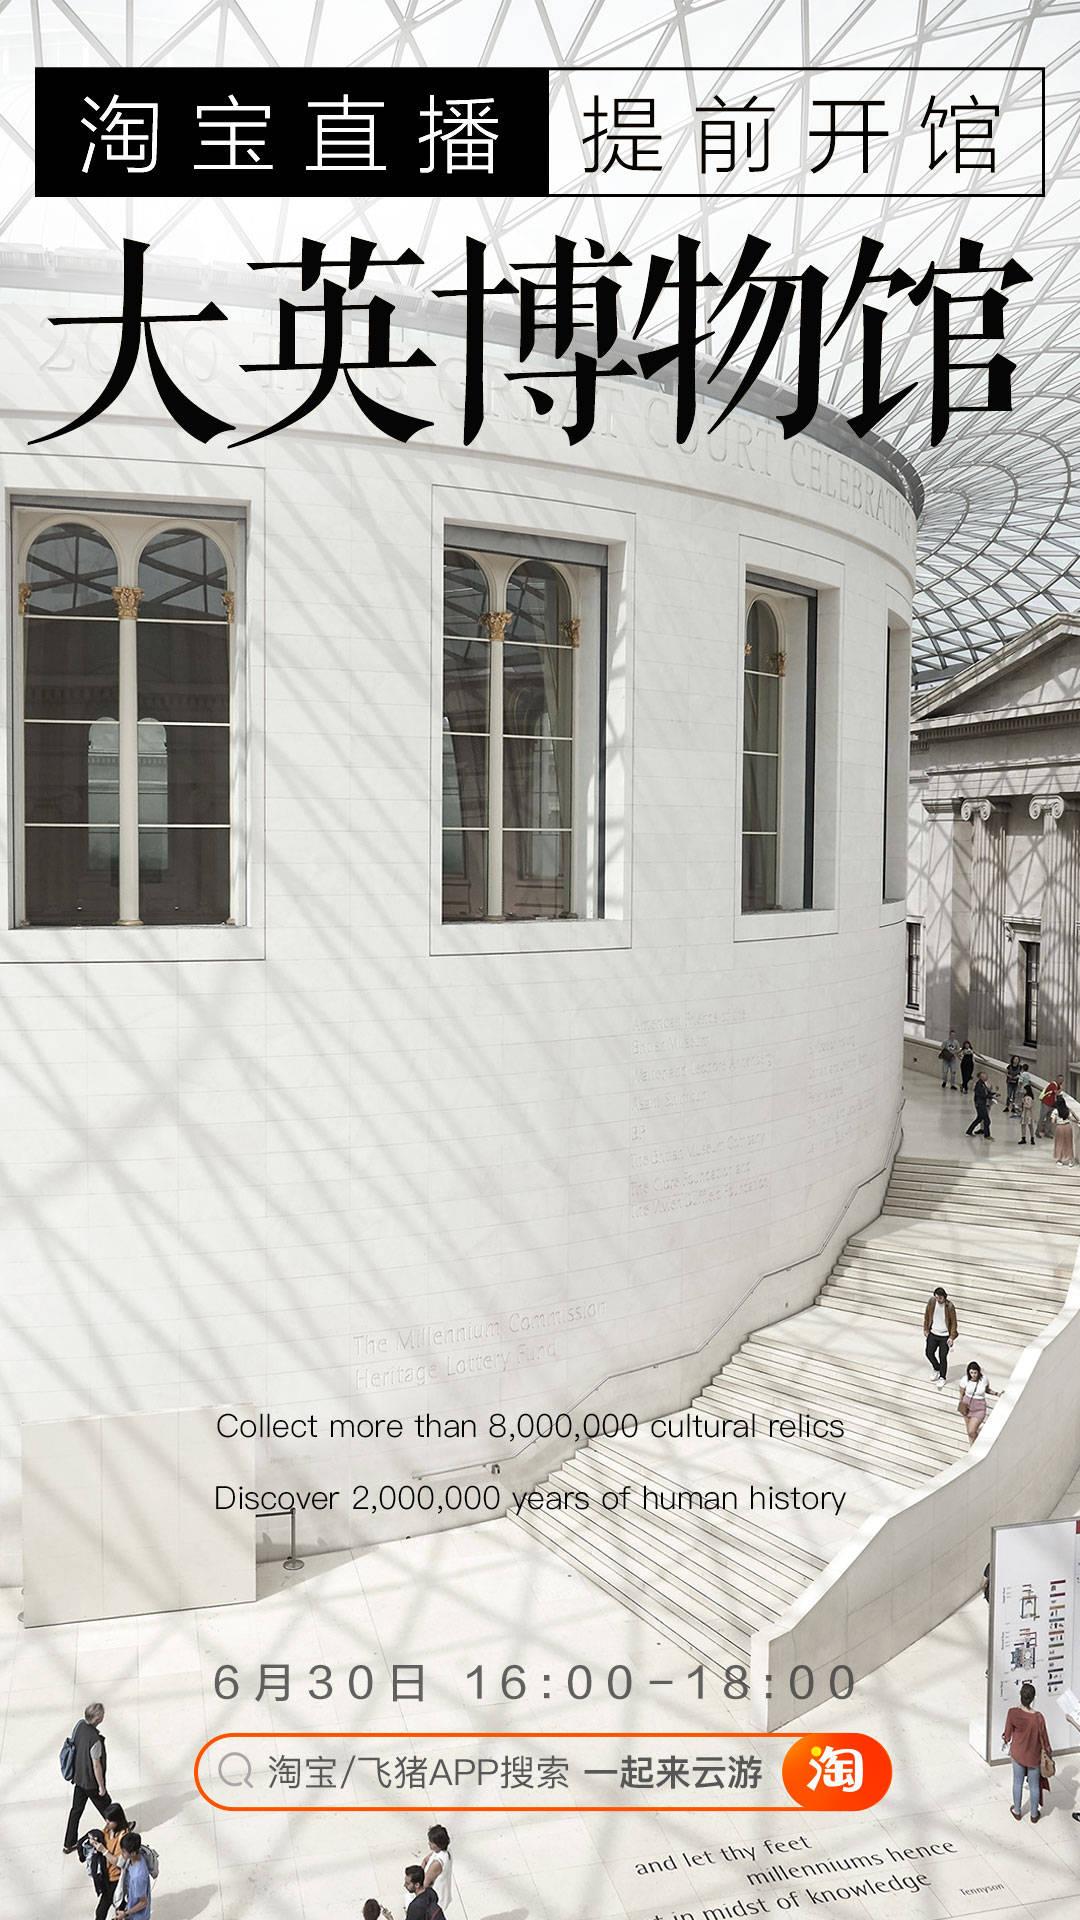 大英博物馆官方上淘宝直播 网友:在淘宝已经环球世界了!